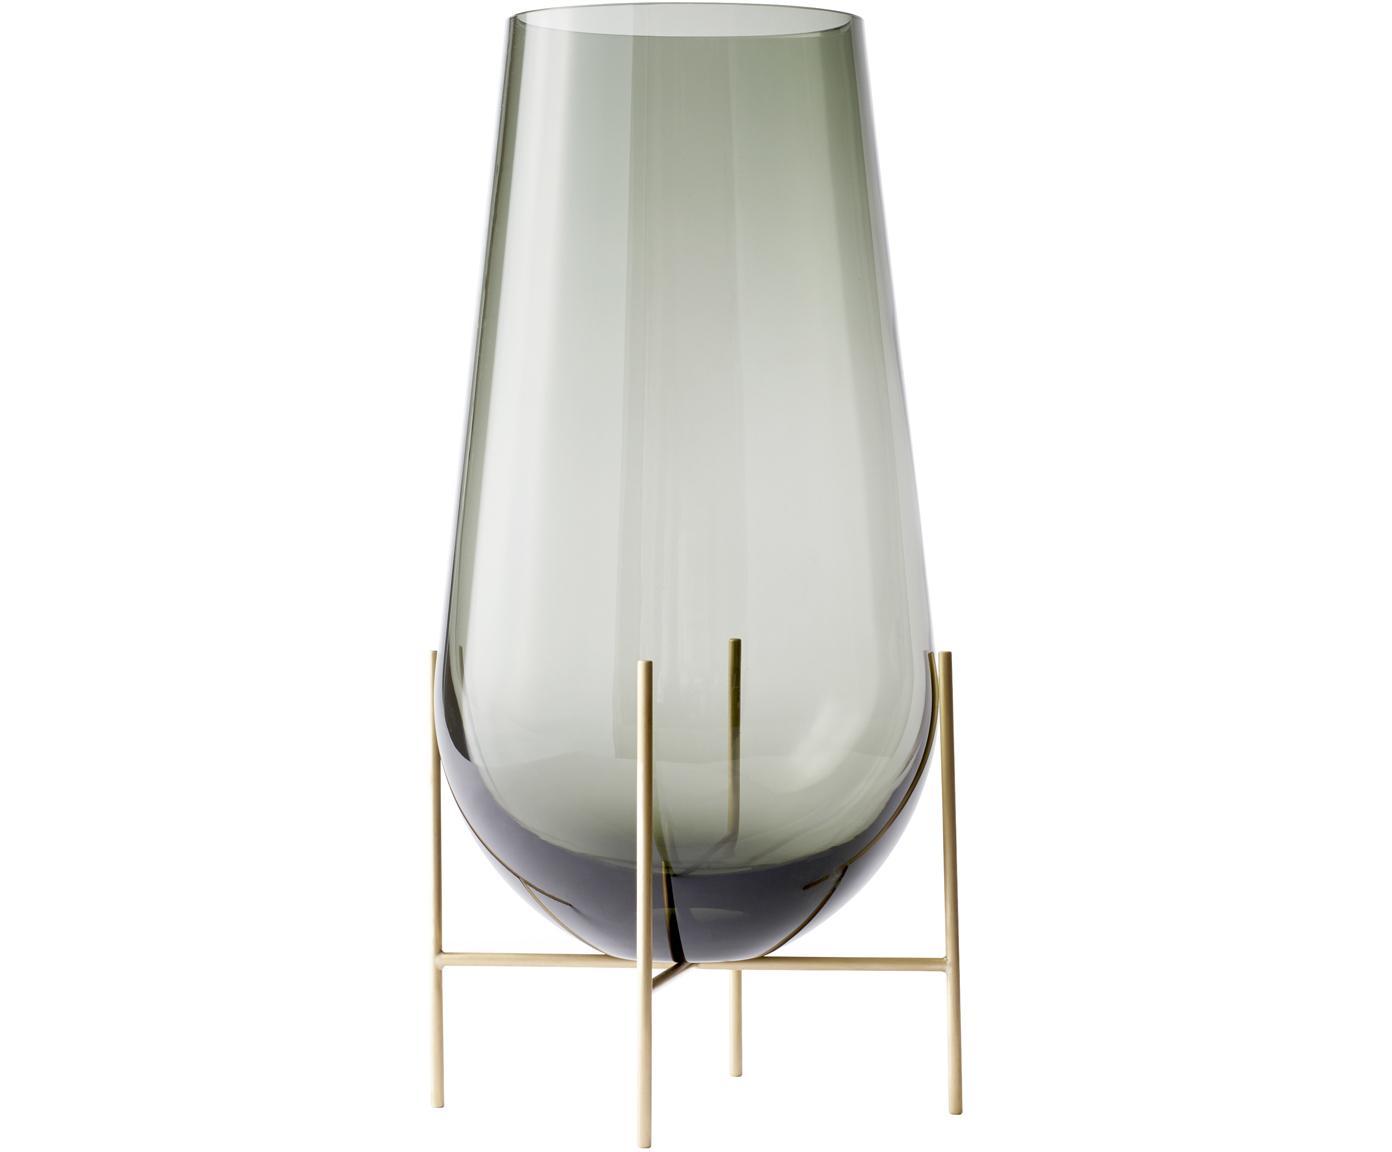 Jarrón de vidrio soplado de diseño Échasse, Estructura: latón, Jarrón: vidrio, soplado artesanal, Latón, gris, Ø 15 x Al 28 cm